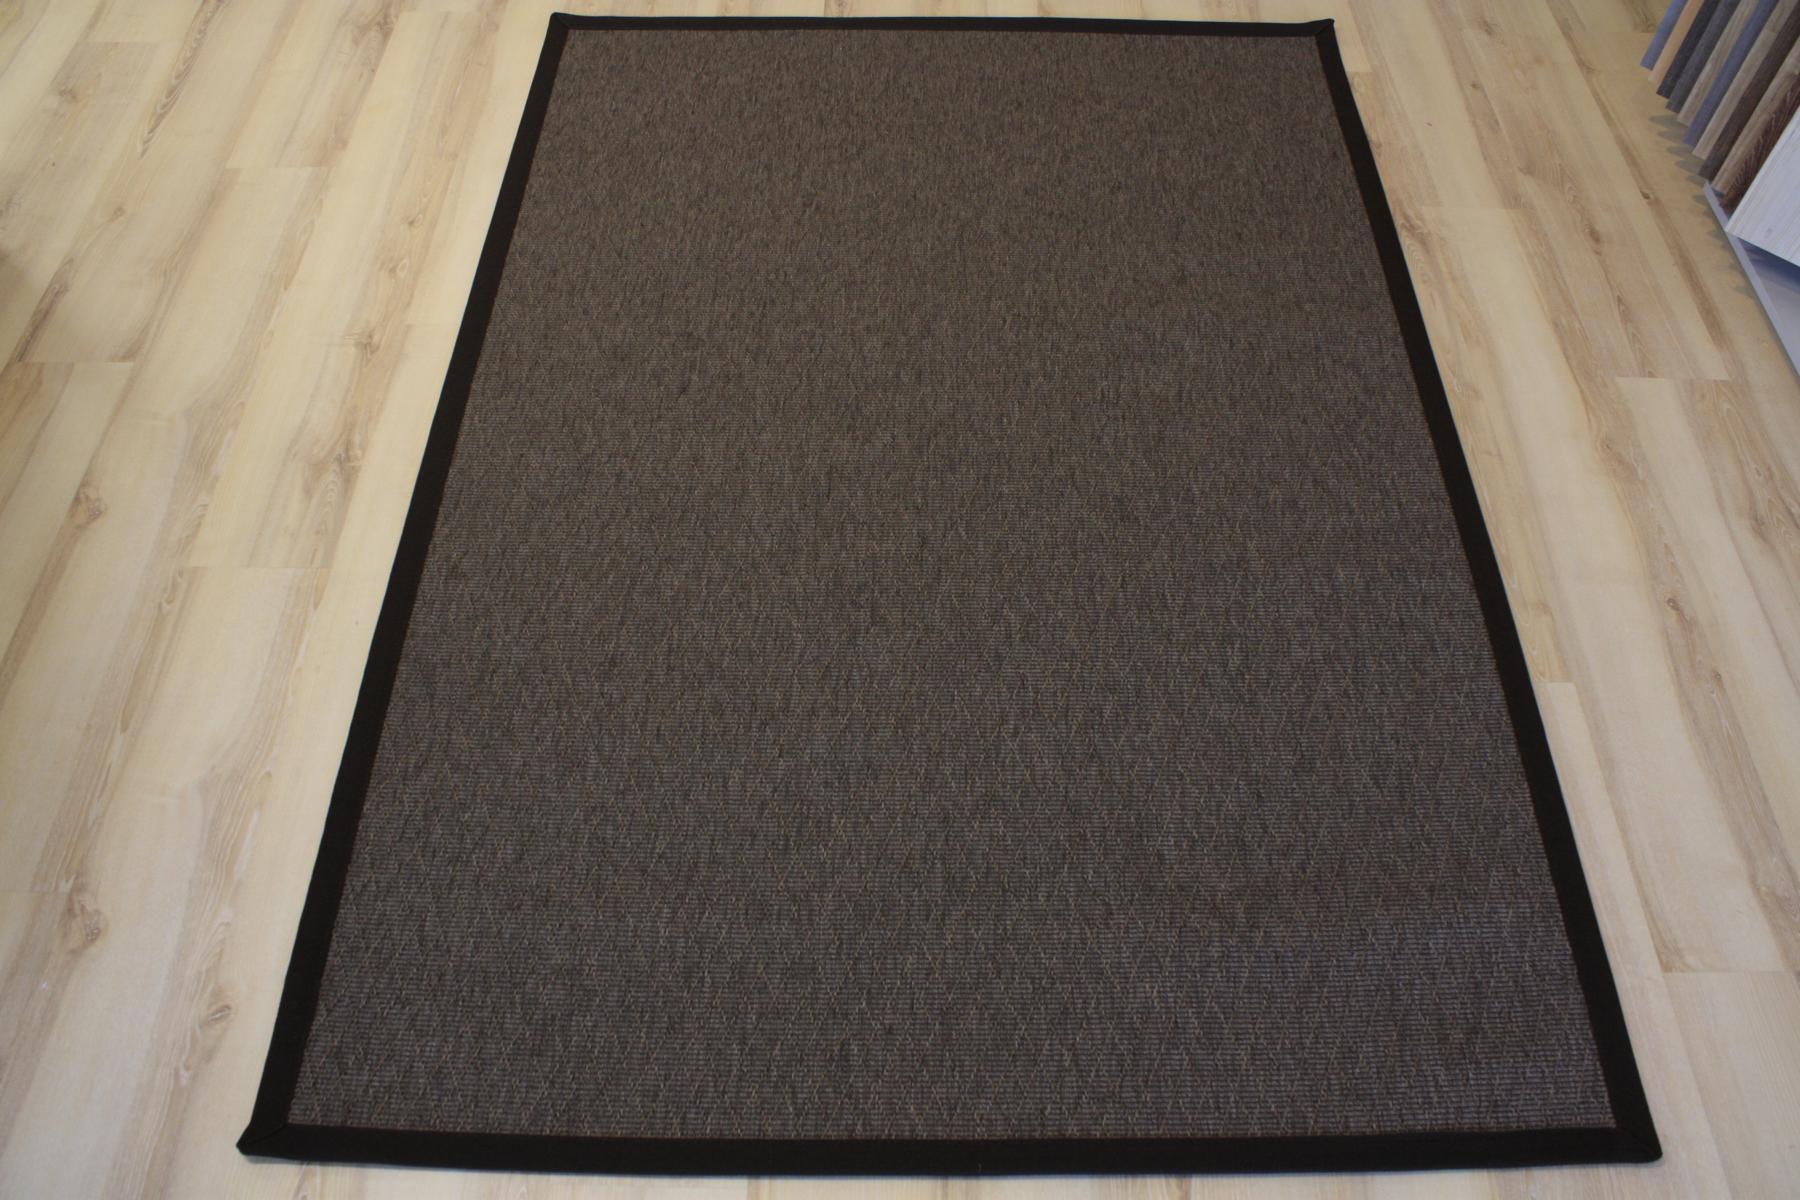 astra tapis rugen allemagne border rugueuse 171 064 brun. Black Bedroom Furniture Sets. Home Design Ideas